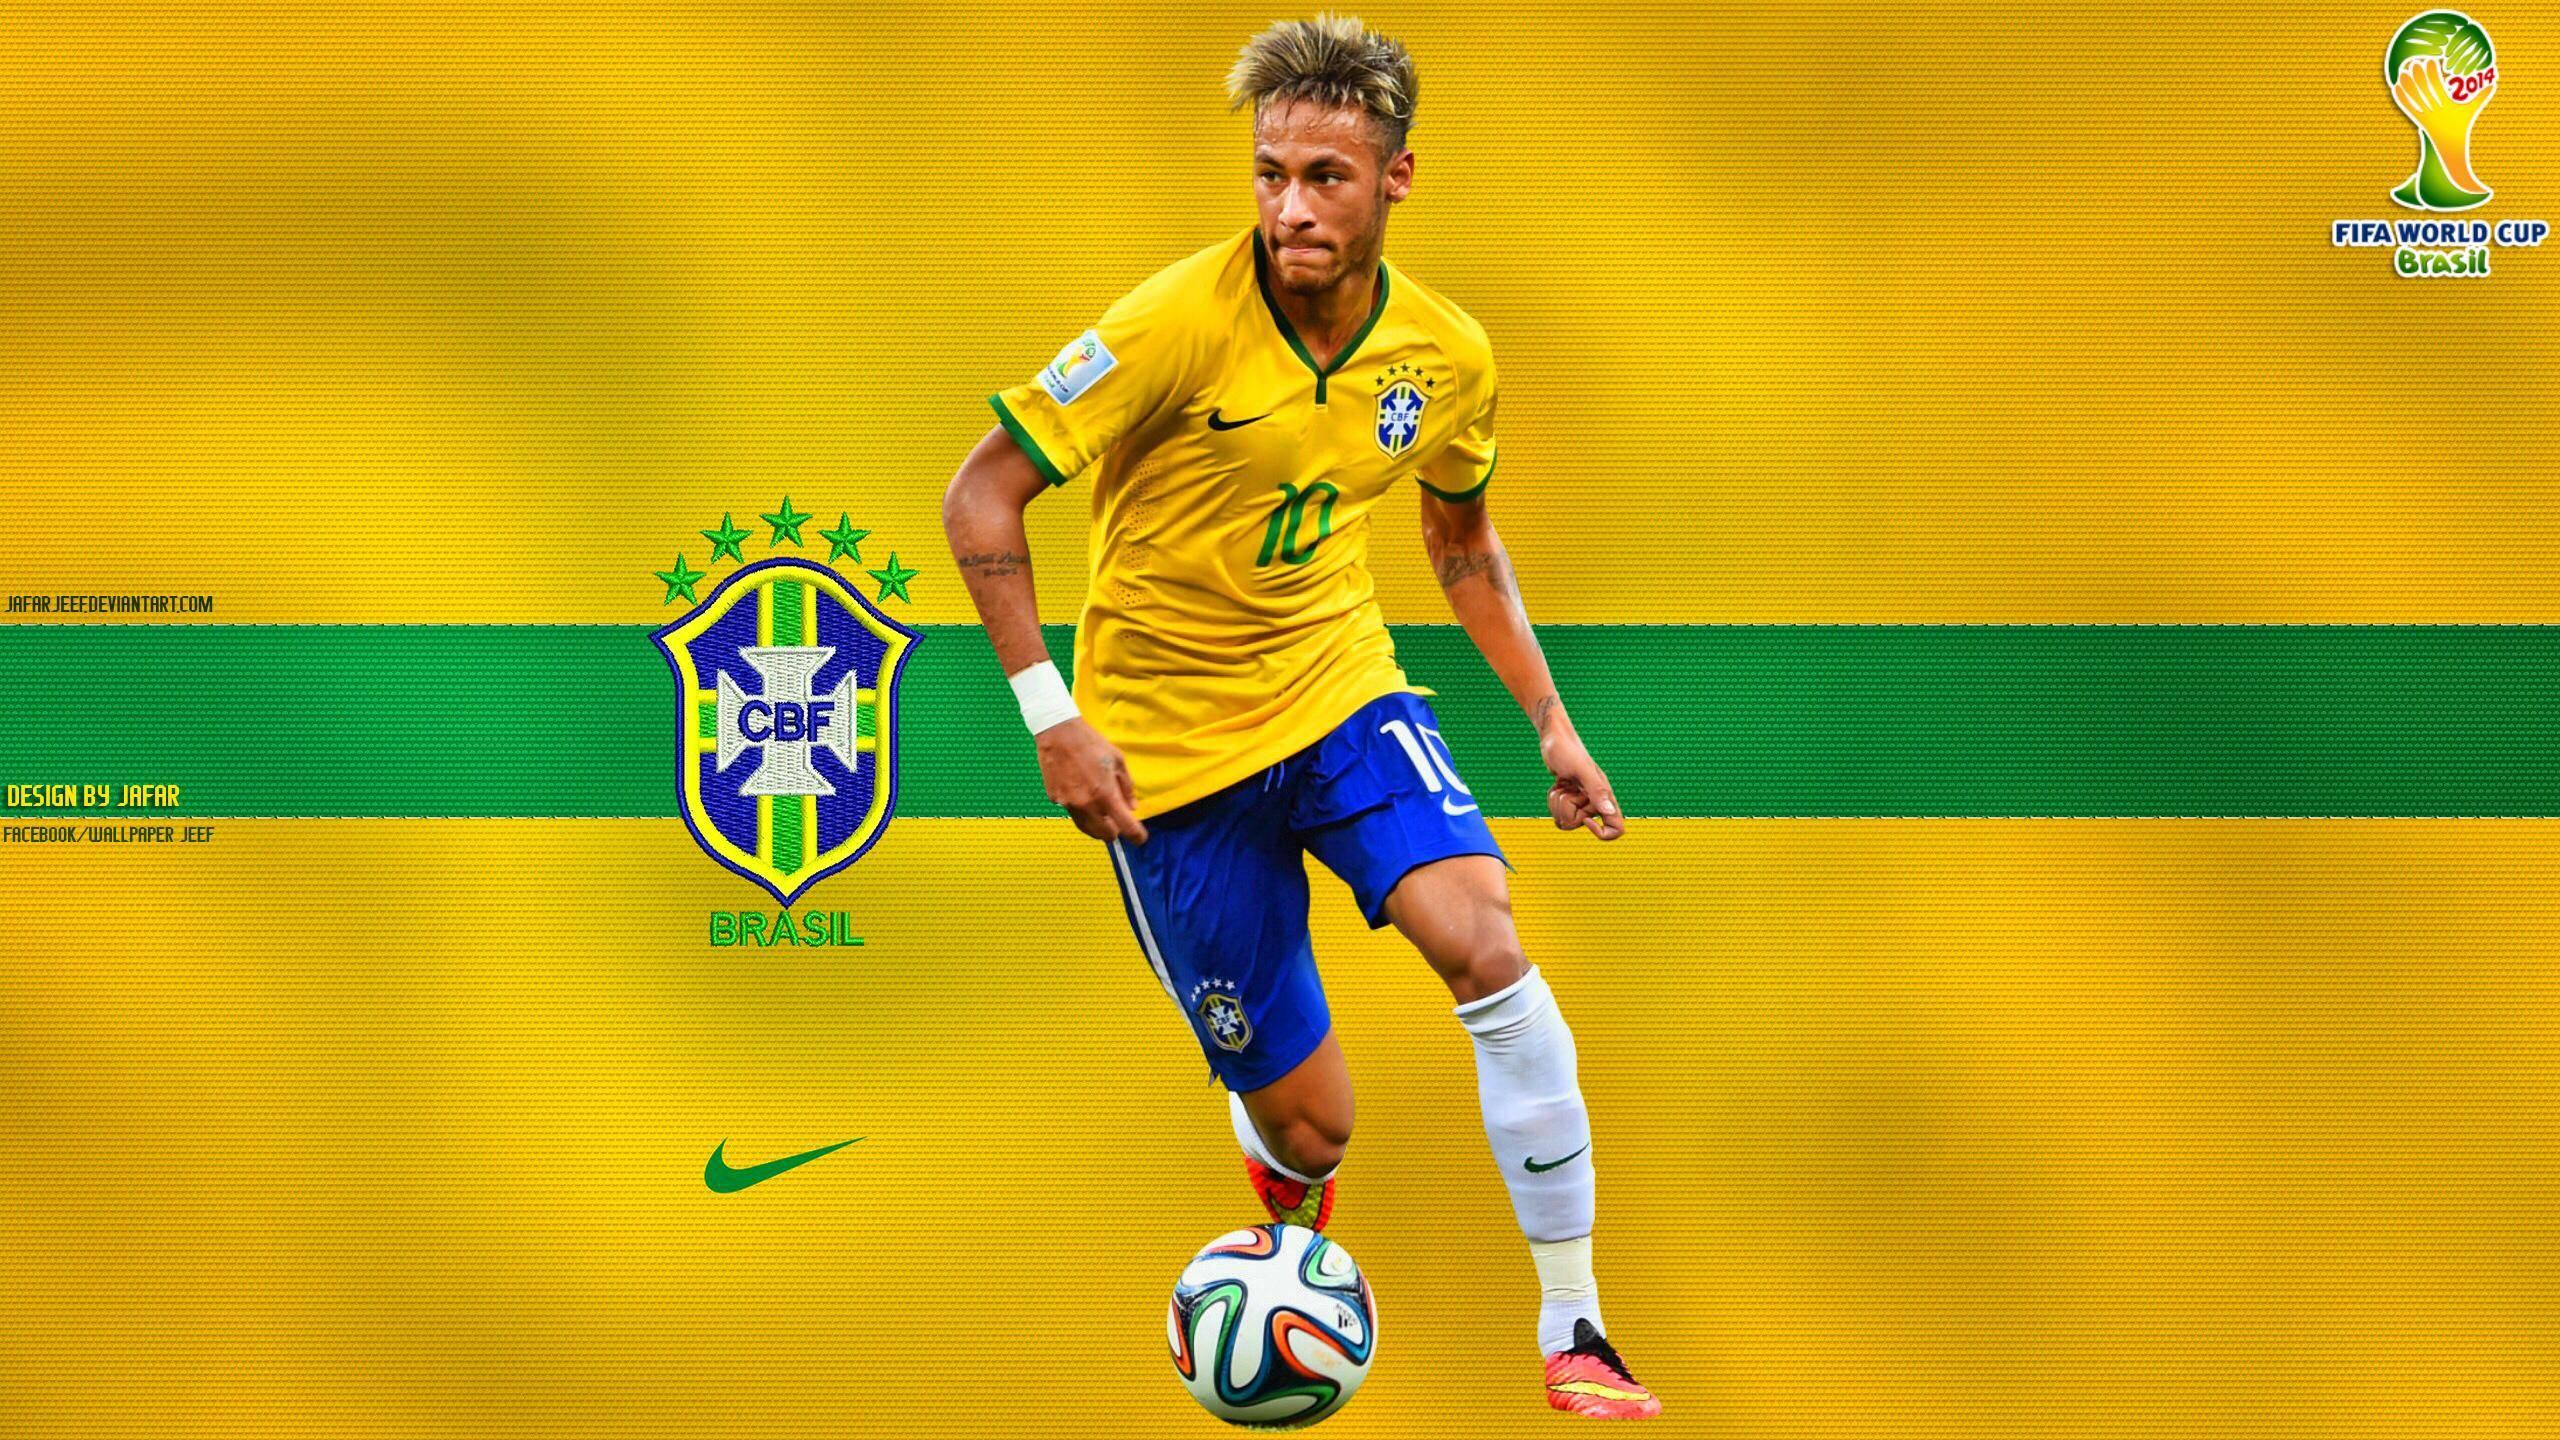 Fifa Brazil Neymar D Wallpapers Wallpaper Cave